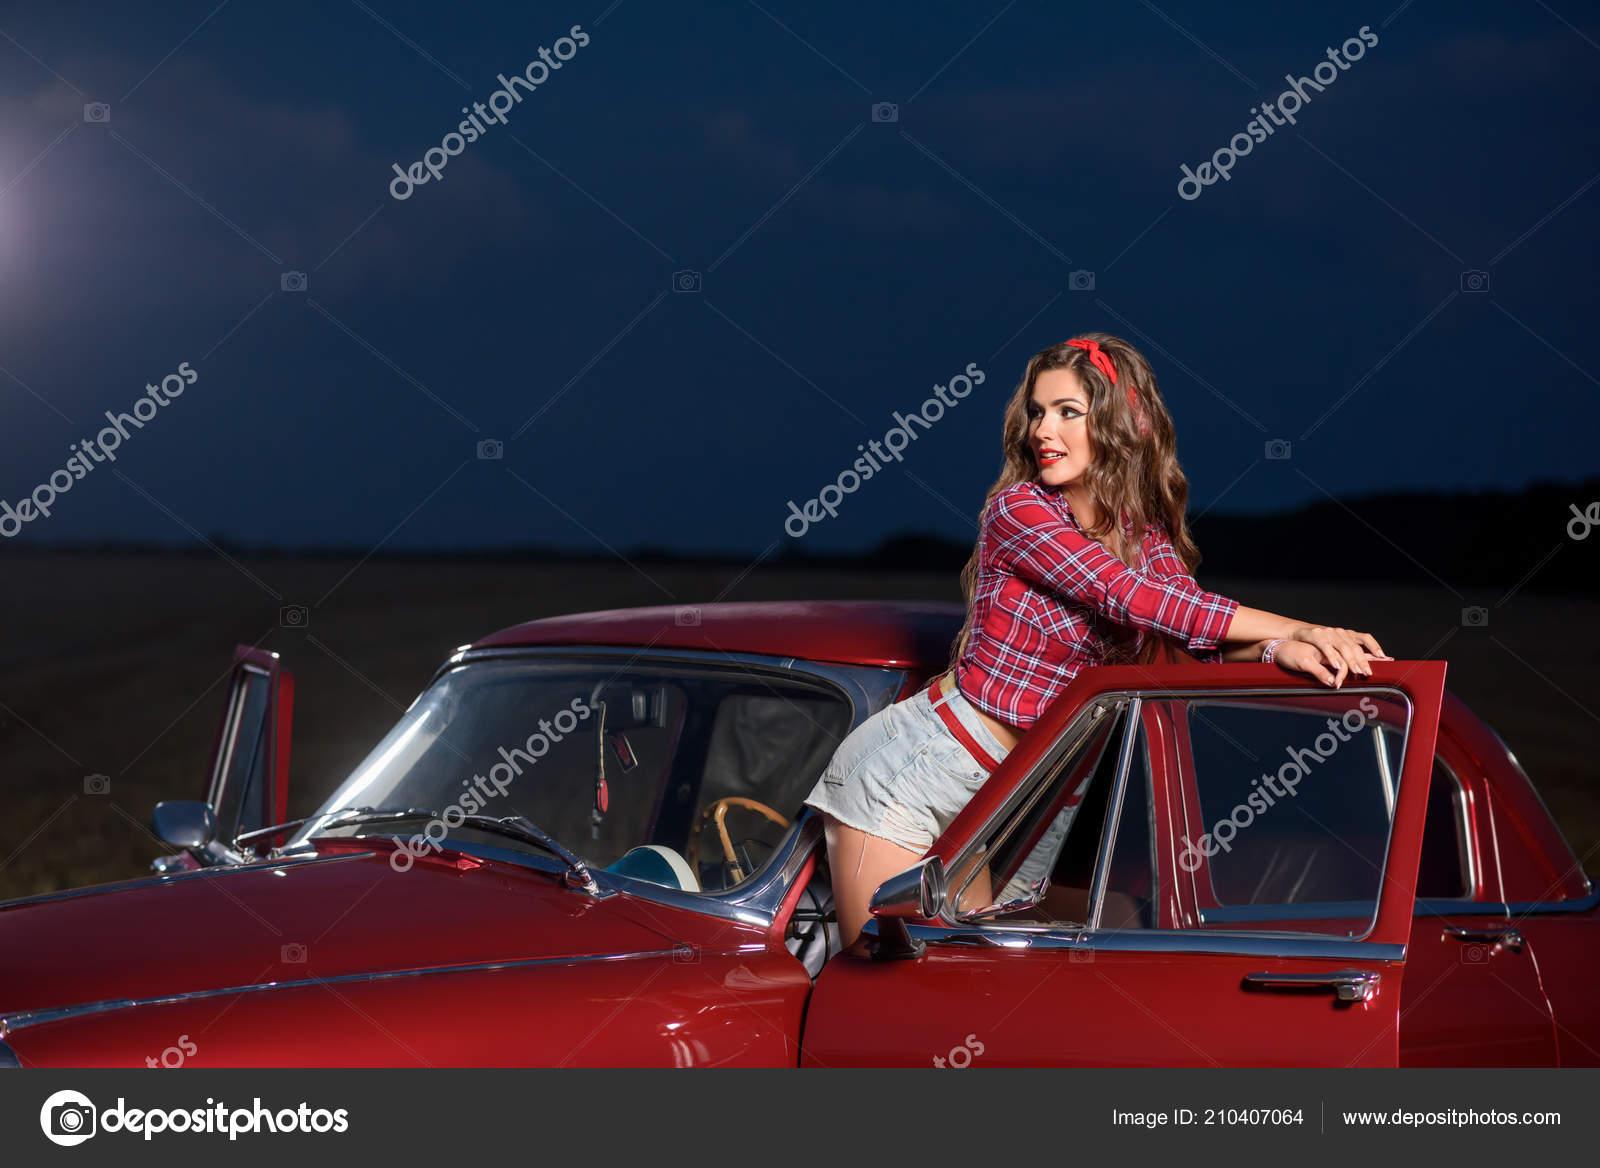 Ретро старое авто и сексуальные девушки сосет белого